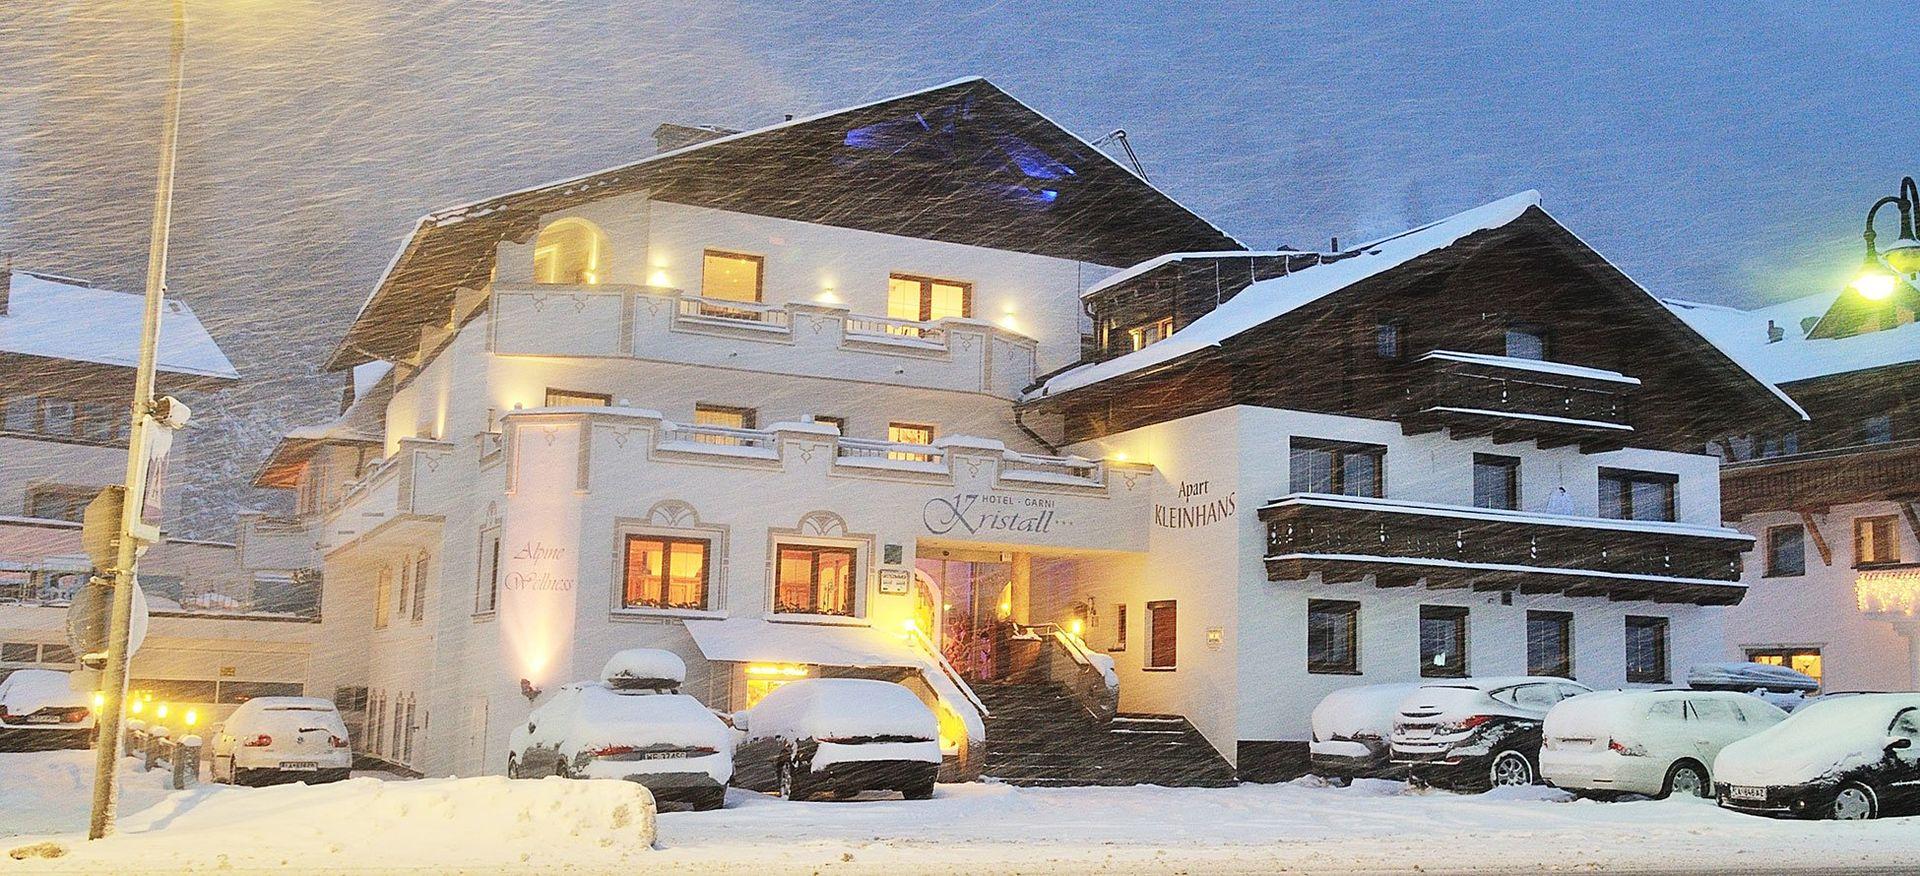 Ischgl - Hotel Garni Kristall